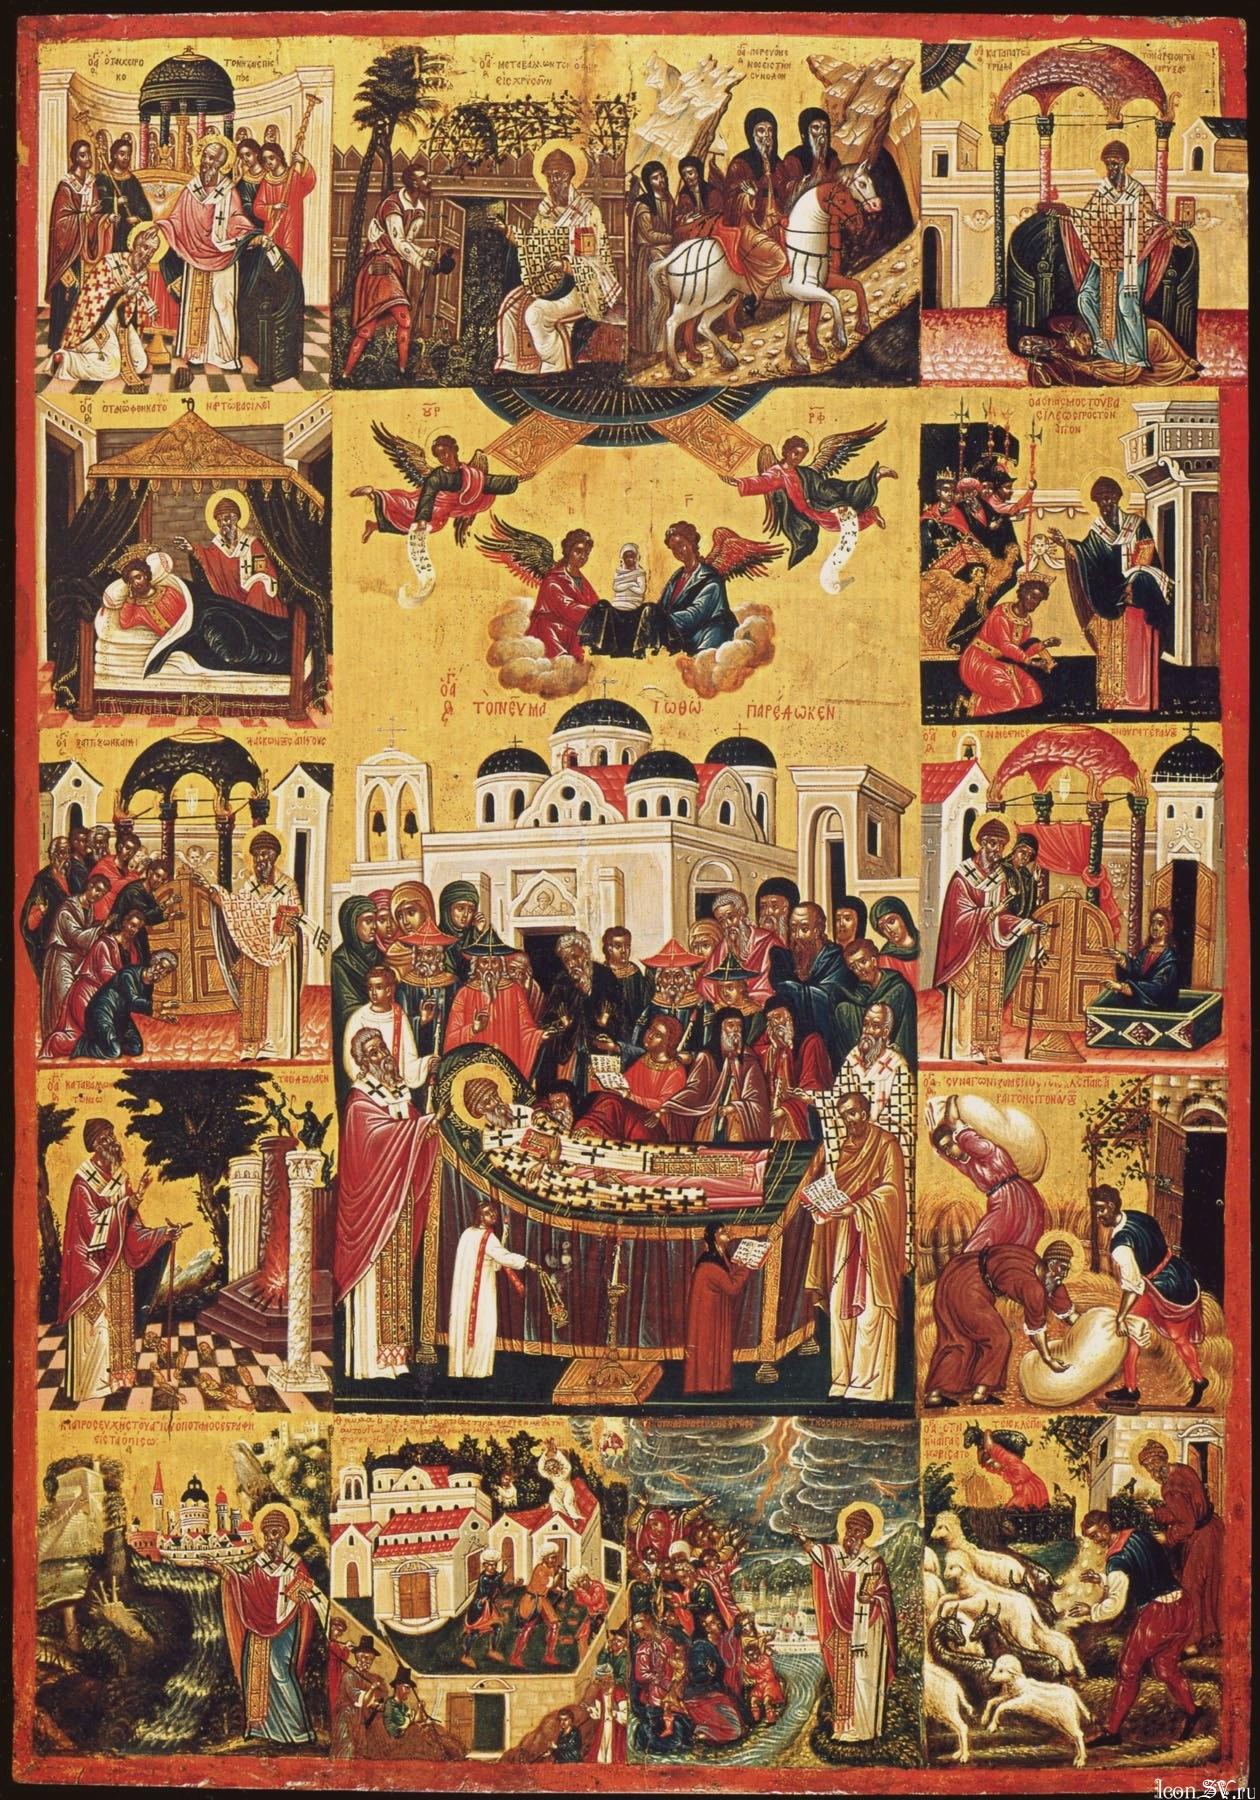 святой спиридон икона: